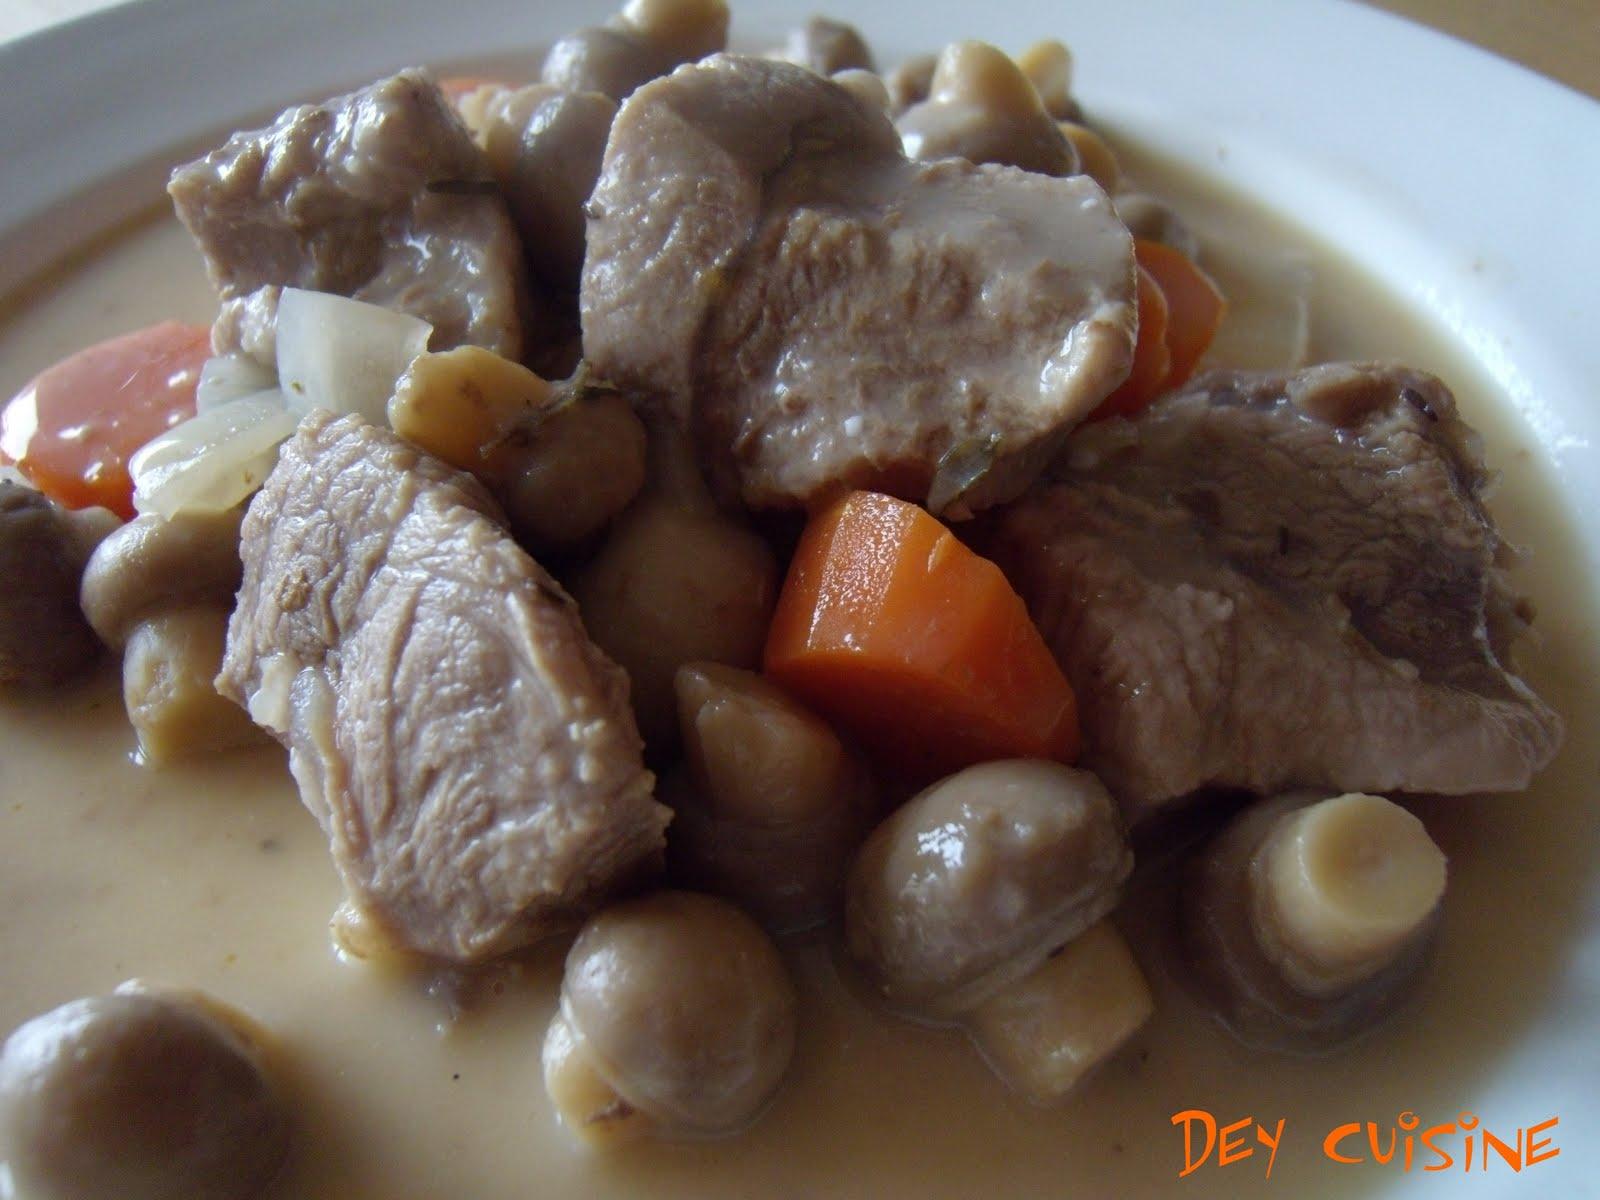 Dey cuisine blanquette de veau - Cuisine blanquette de veau ...